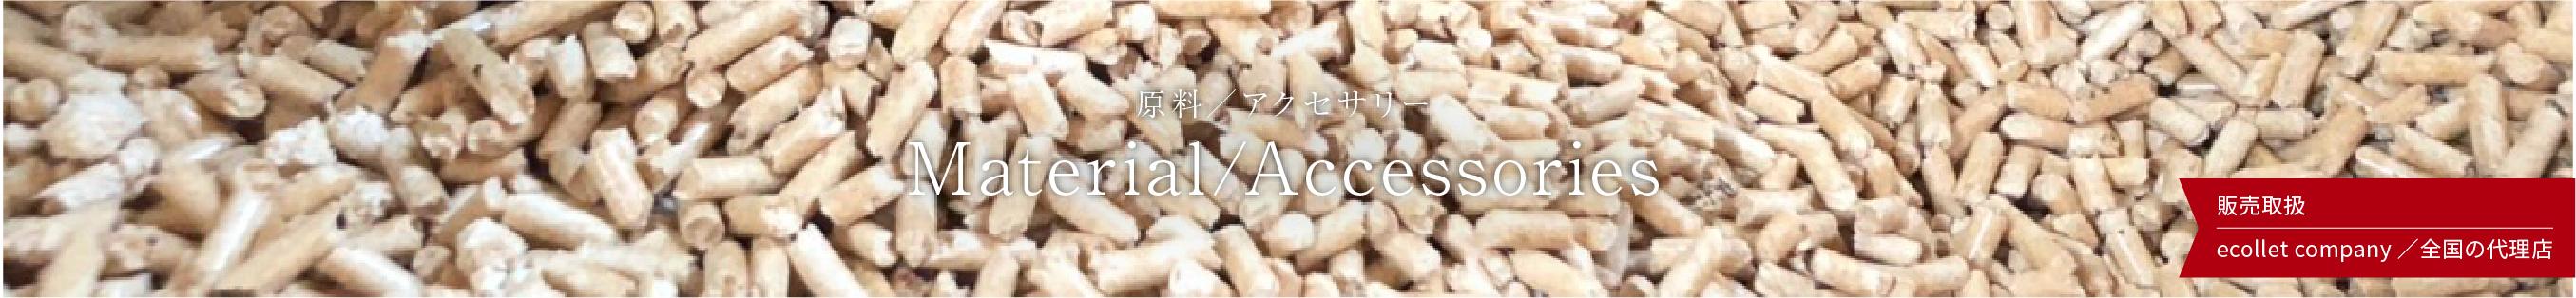 原料/アクセサリー